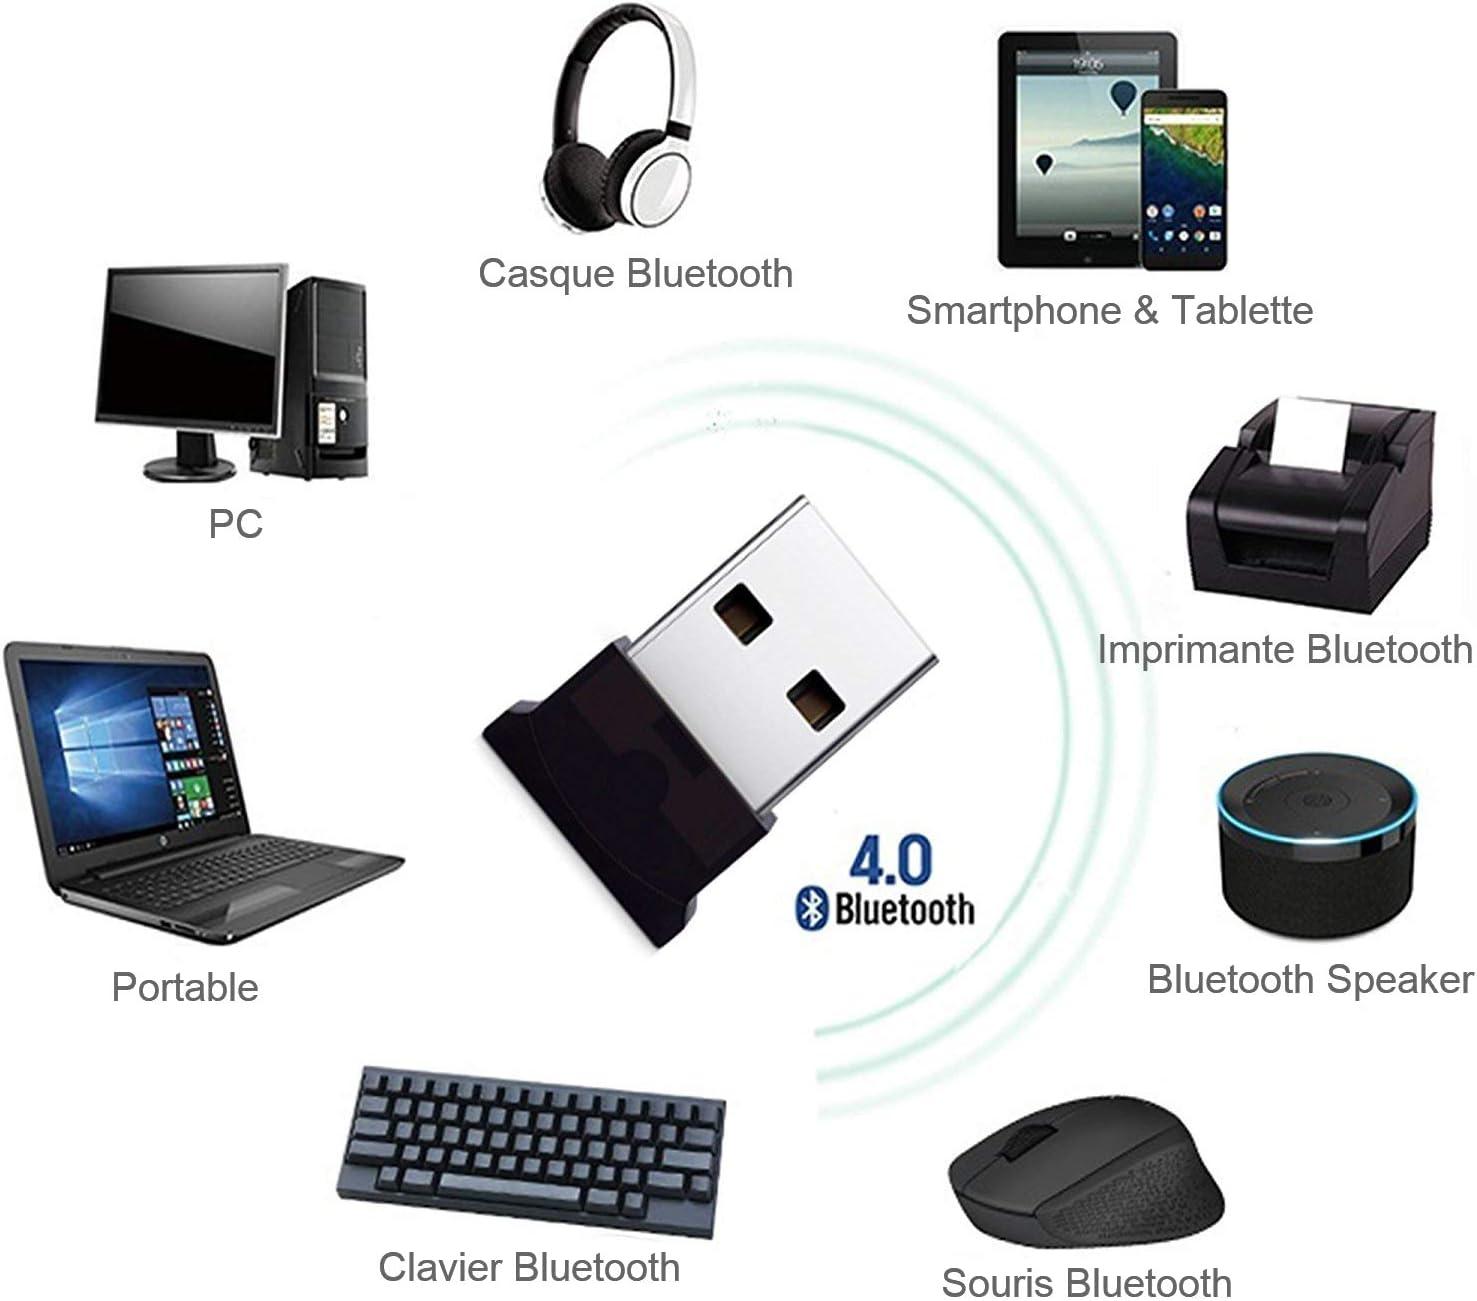 HANPURE Adaptateur USB Bluetooth 4.0, Clé Bluetooth, Plug & Play 2.4 Ghz, Parfait pour Casque Bluetooth, Souris, Clavier, Imprimantes, Ordinateurs,